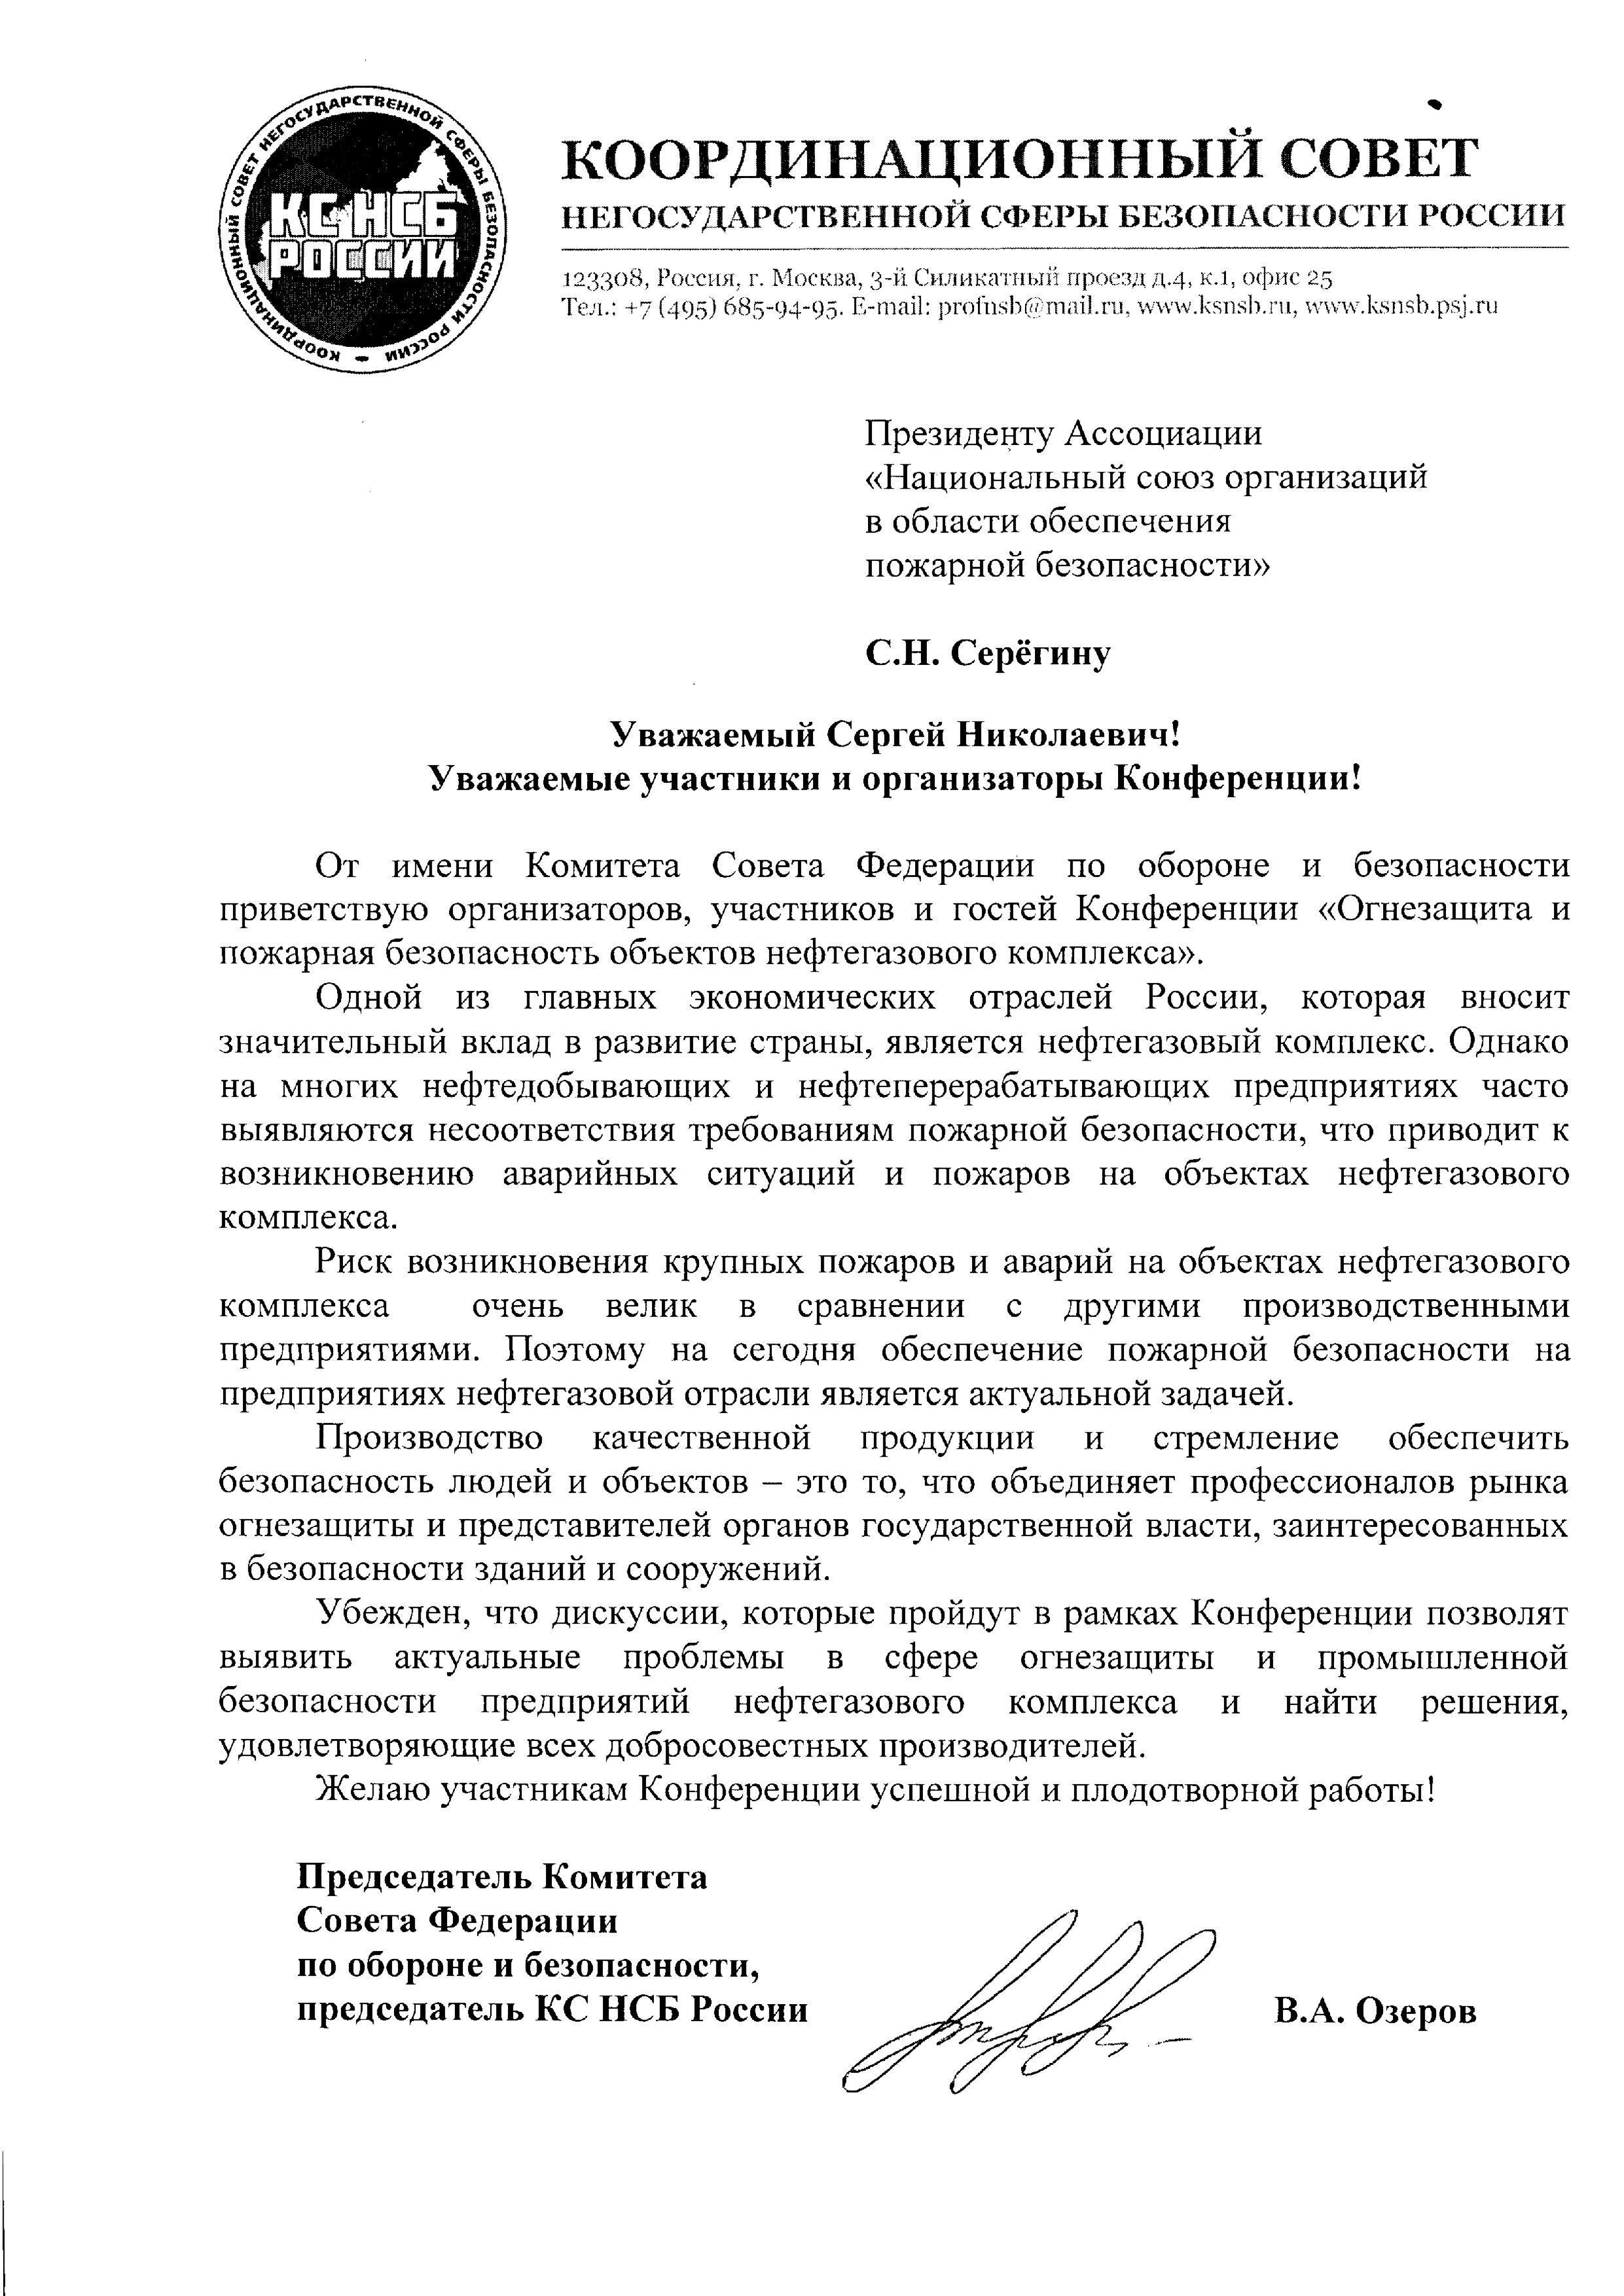 КС НСБ России, конференция, огнезащита